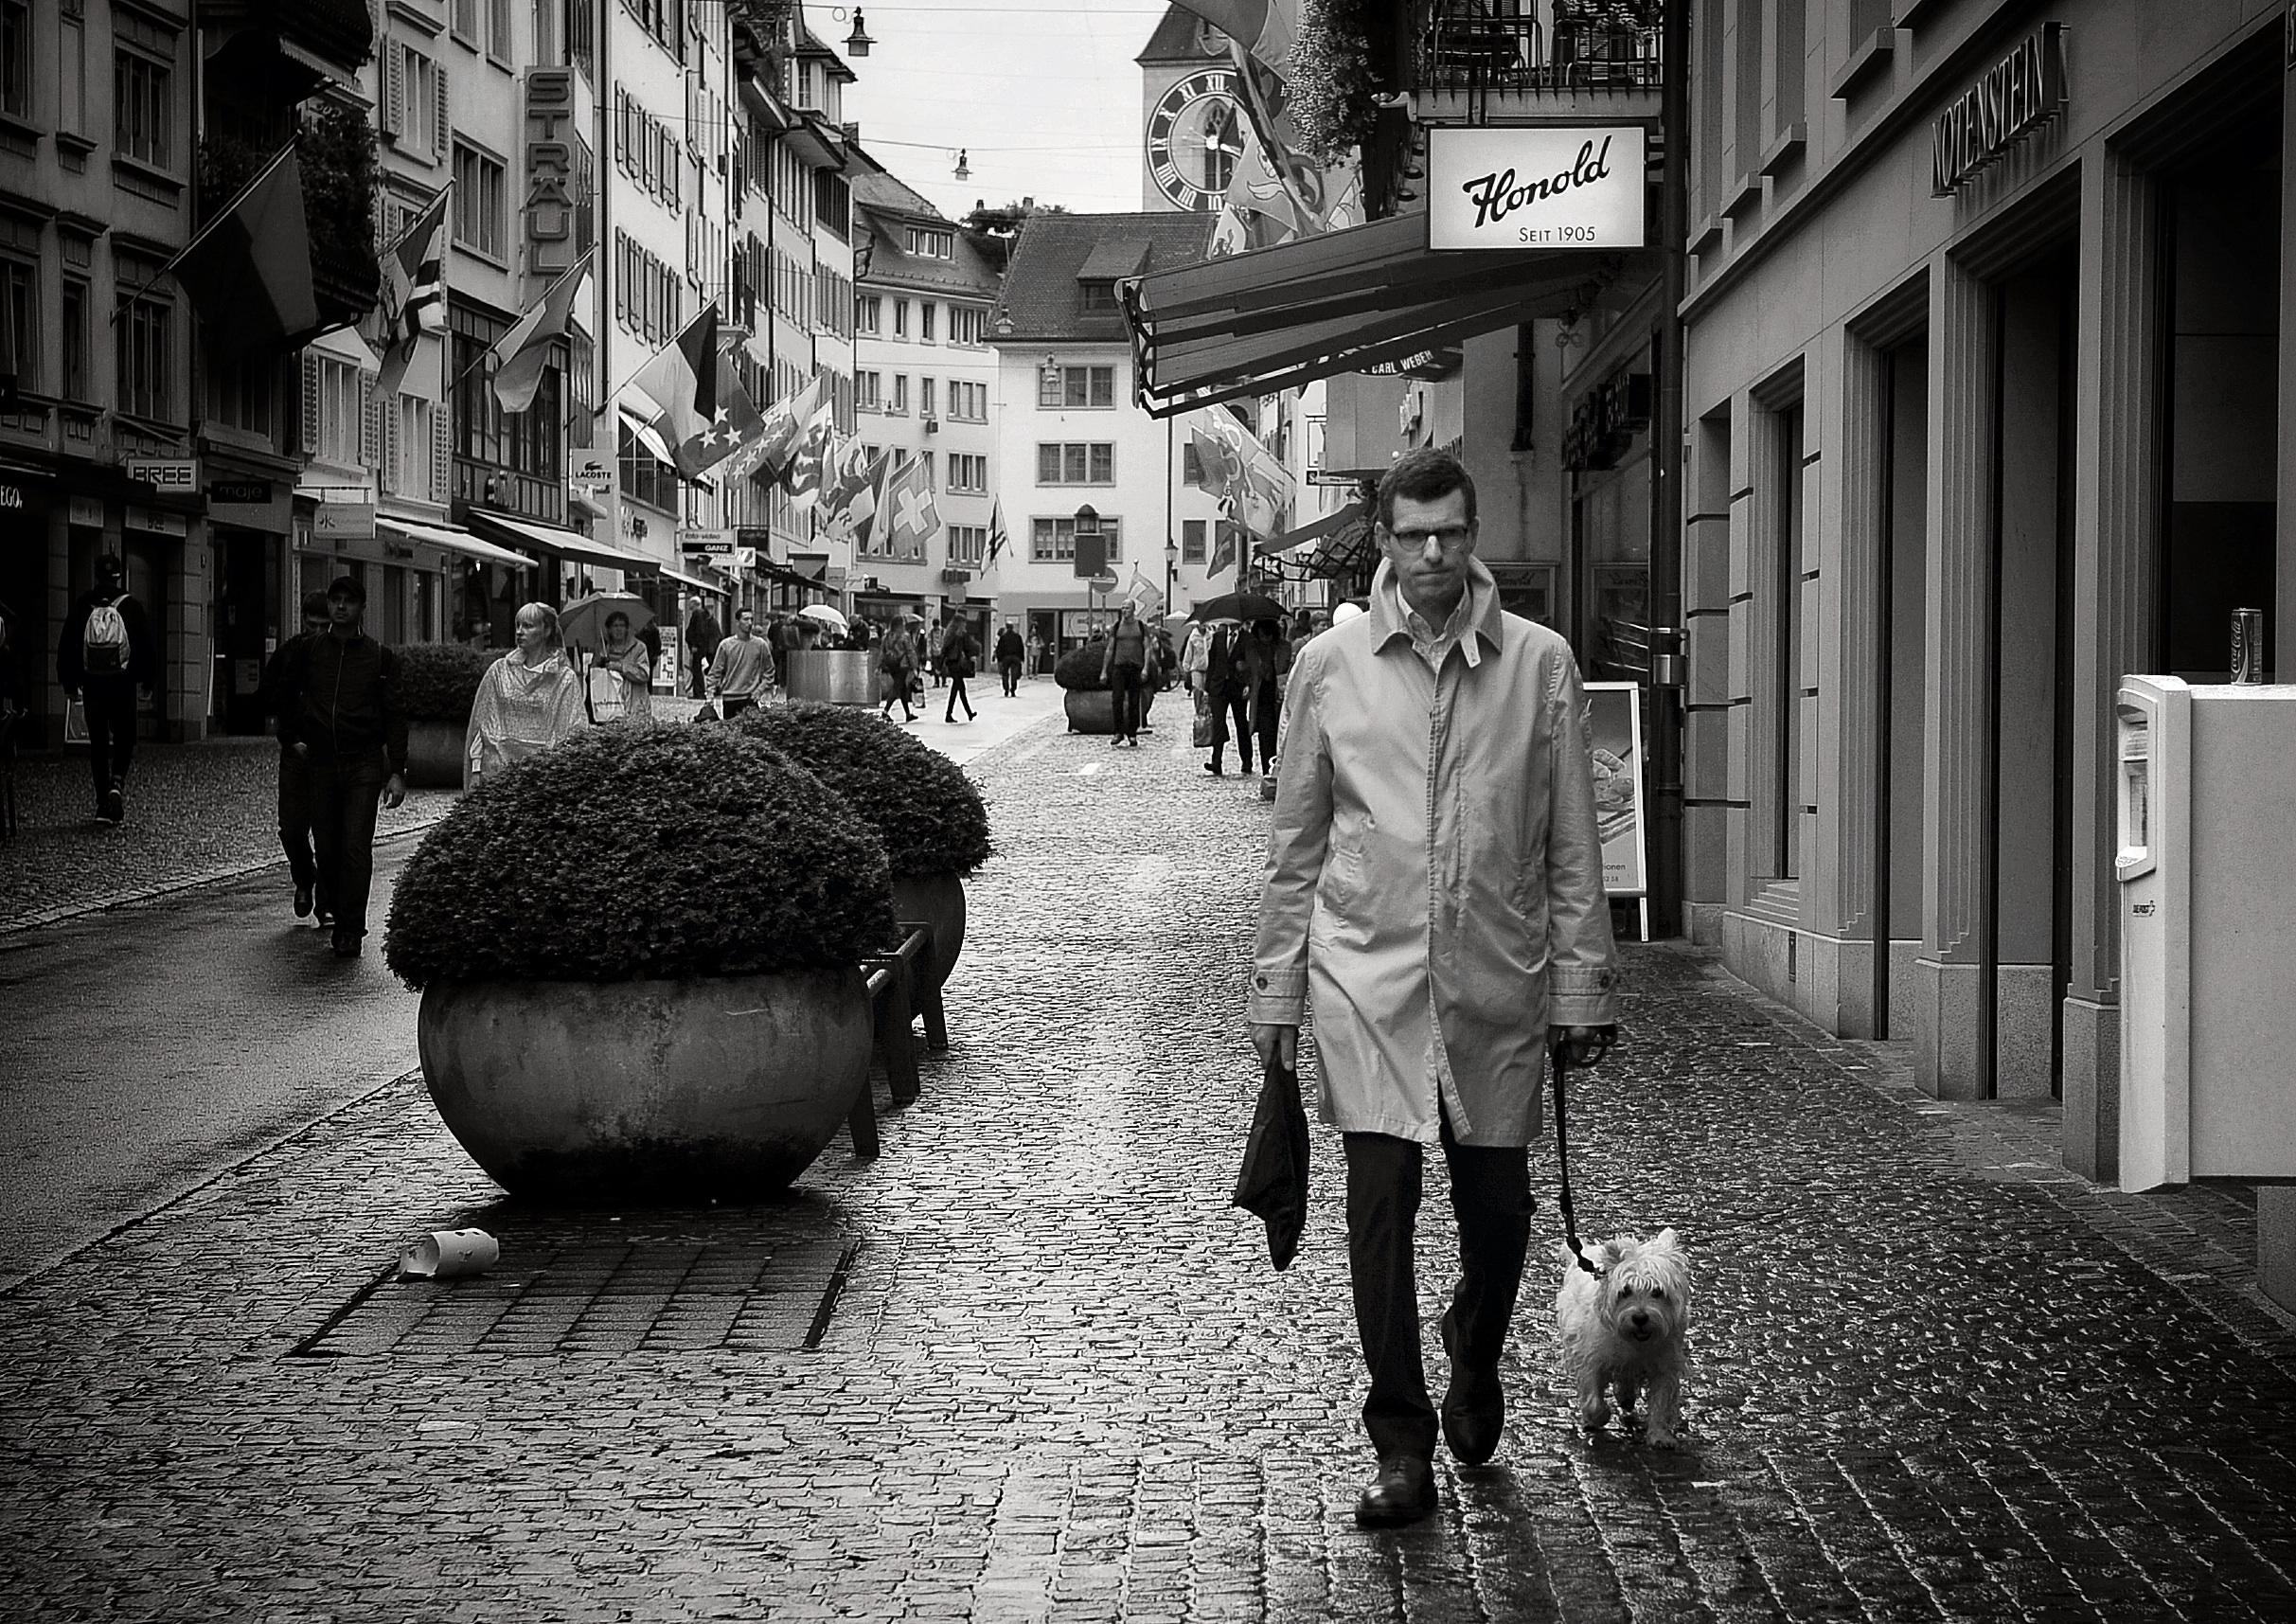 ec2cc80073fb4 Fotos gratis   peatonal, en blanco y negro, gente, la carretera, callejón,  ciudad, perro, urbano, color, monocromo, fotografía callejera, Bw, sincero,  ...